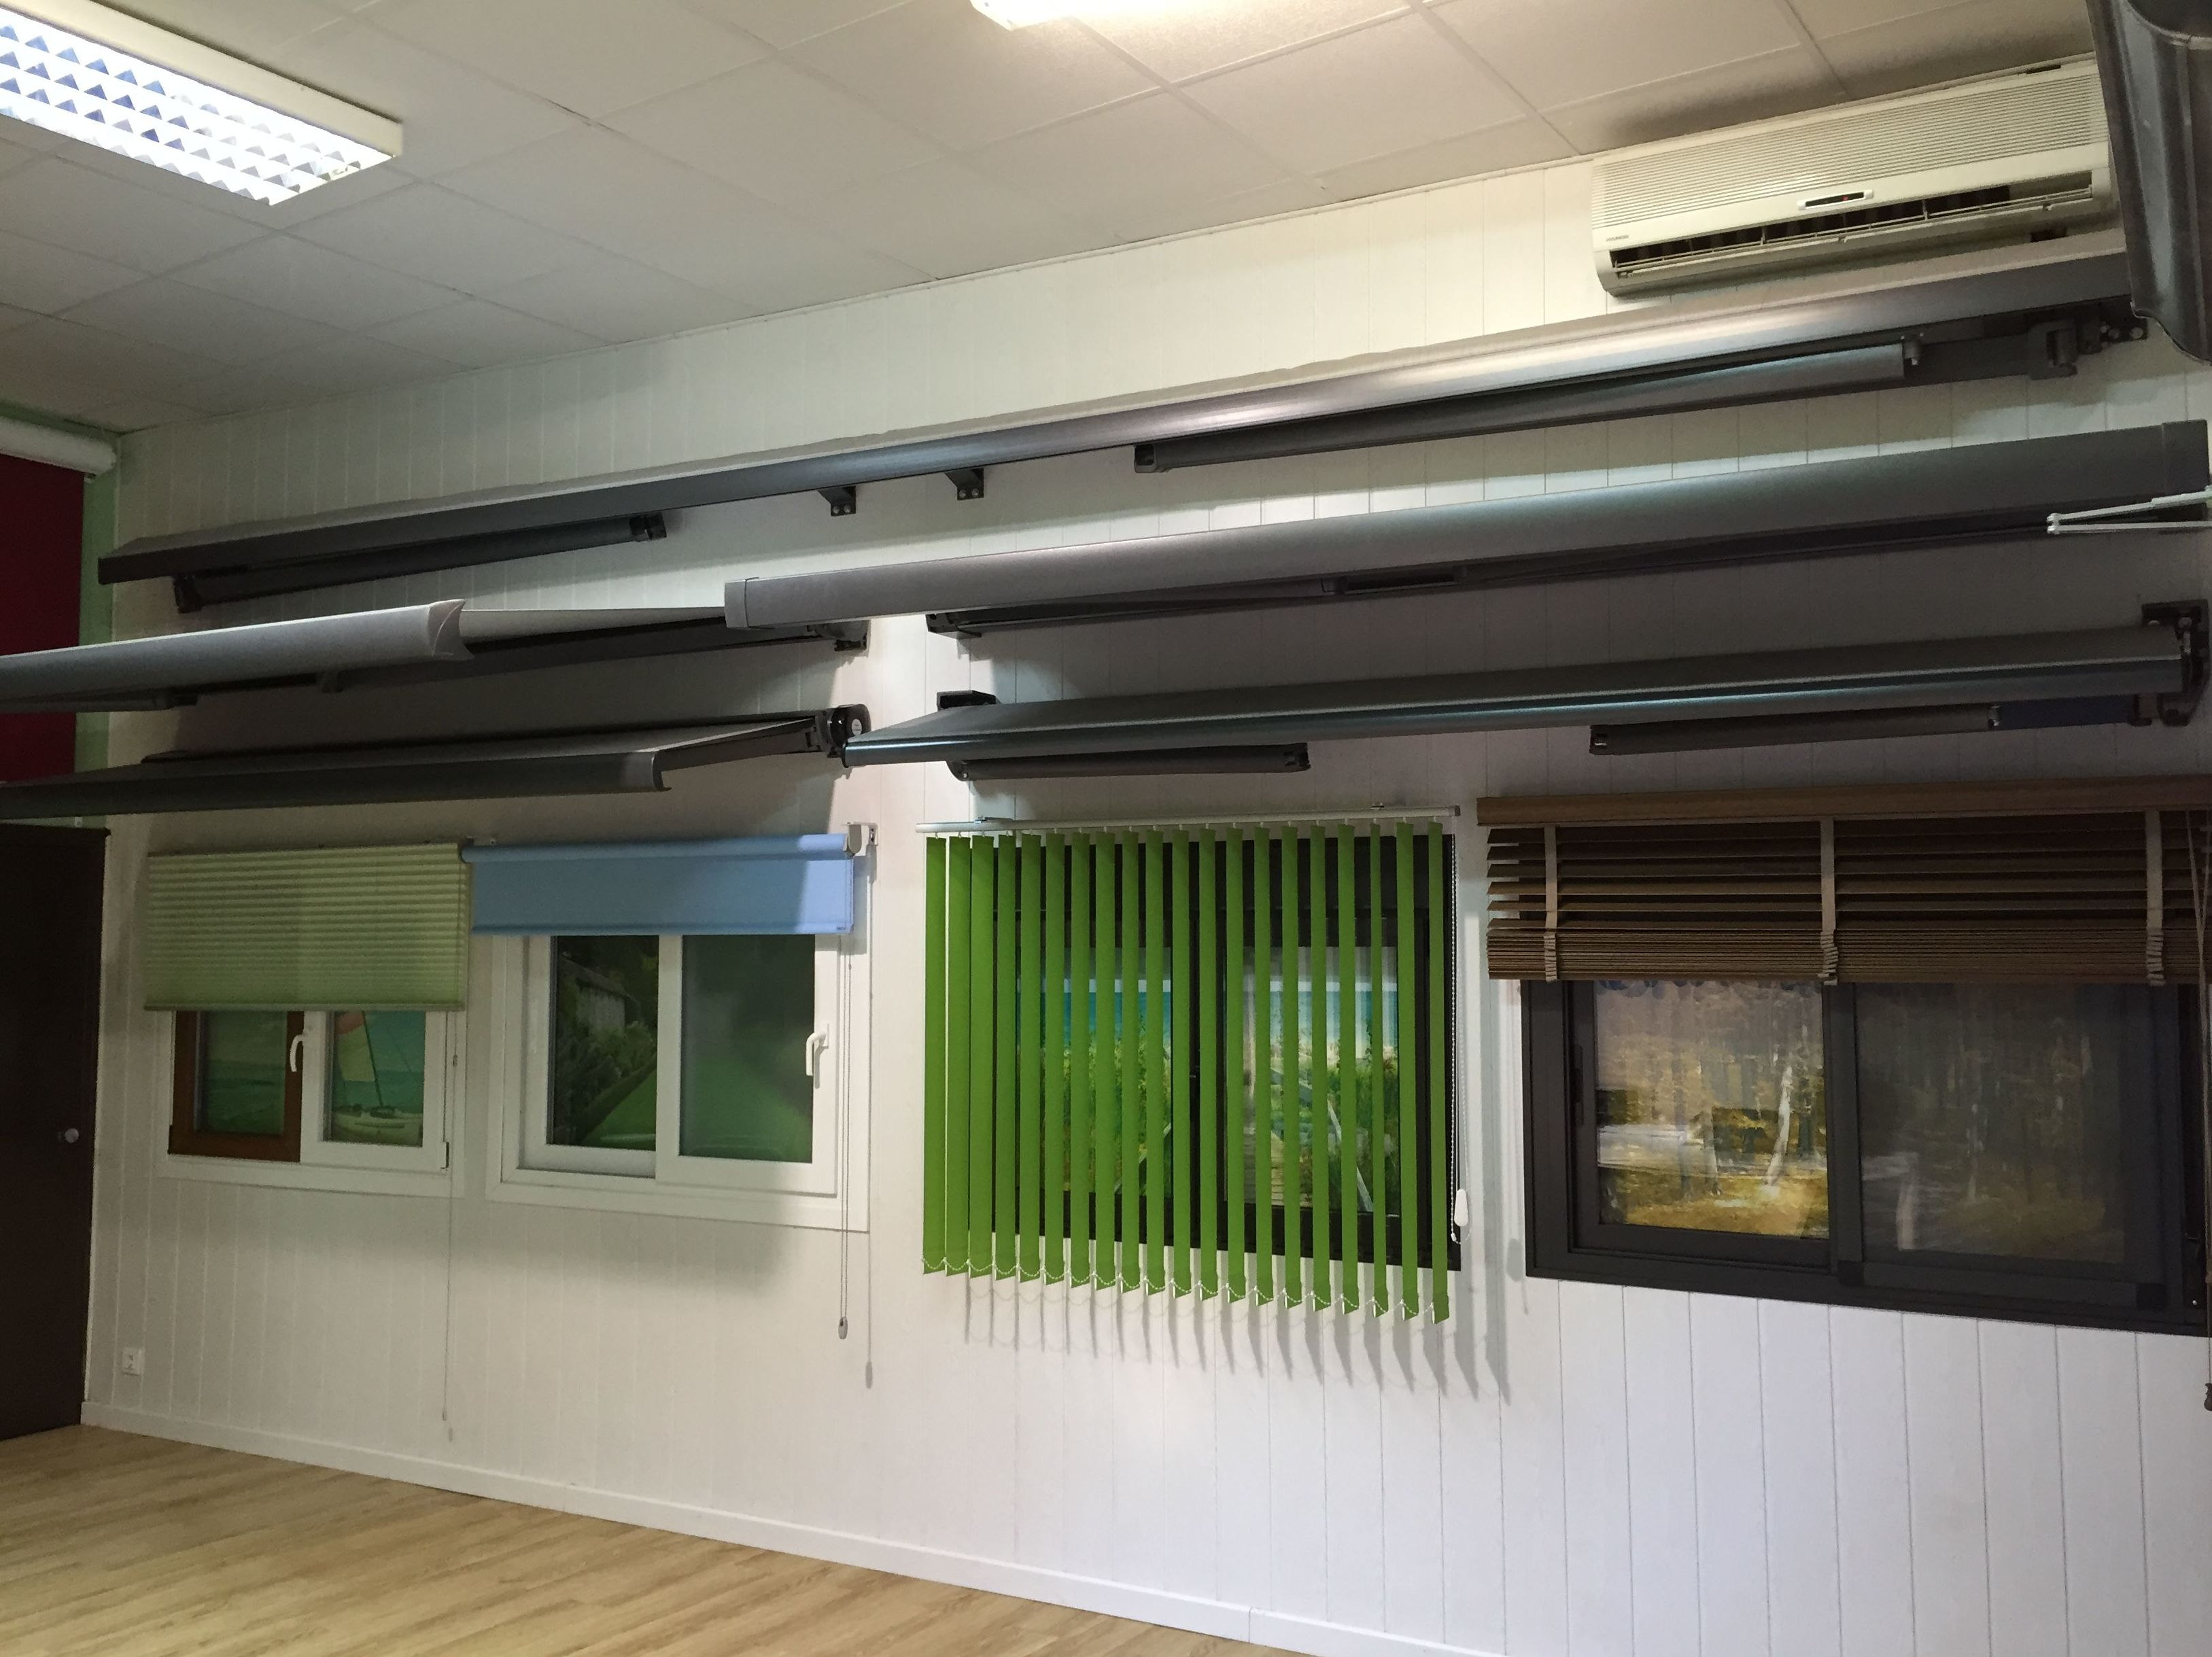 Fabricación venta e instalación de ventanas, persianas...